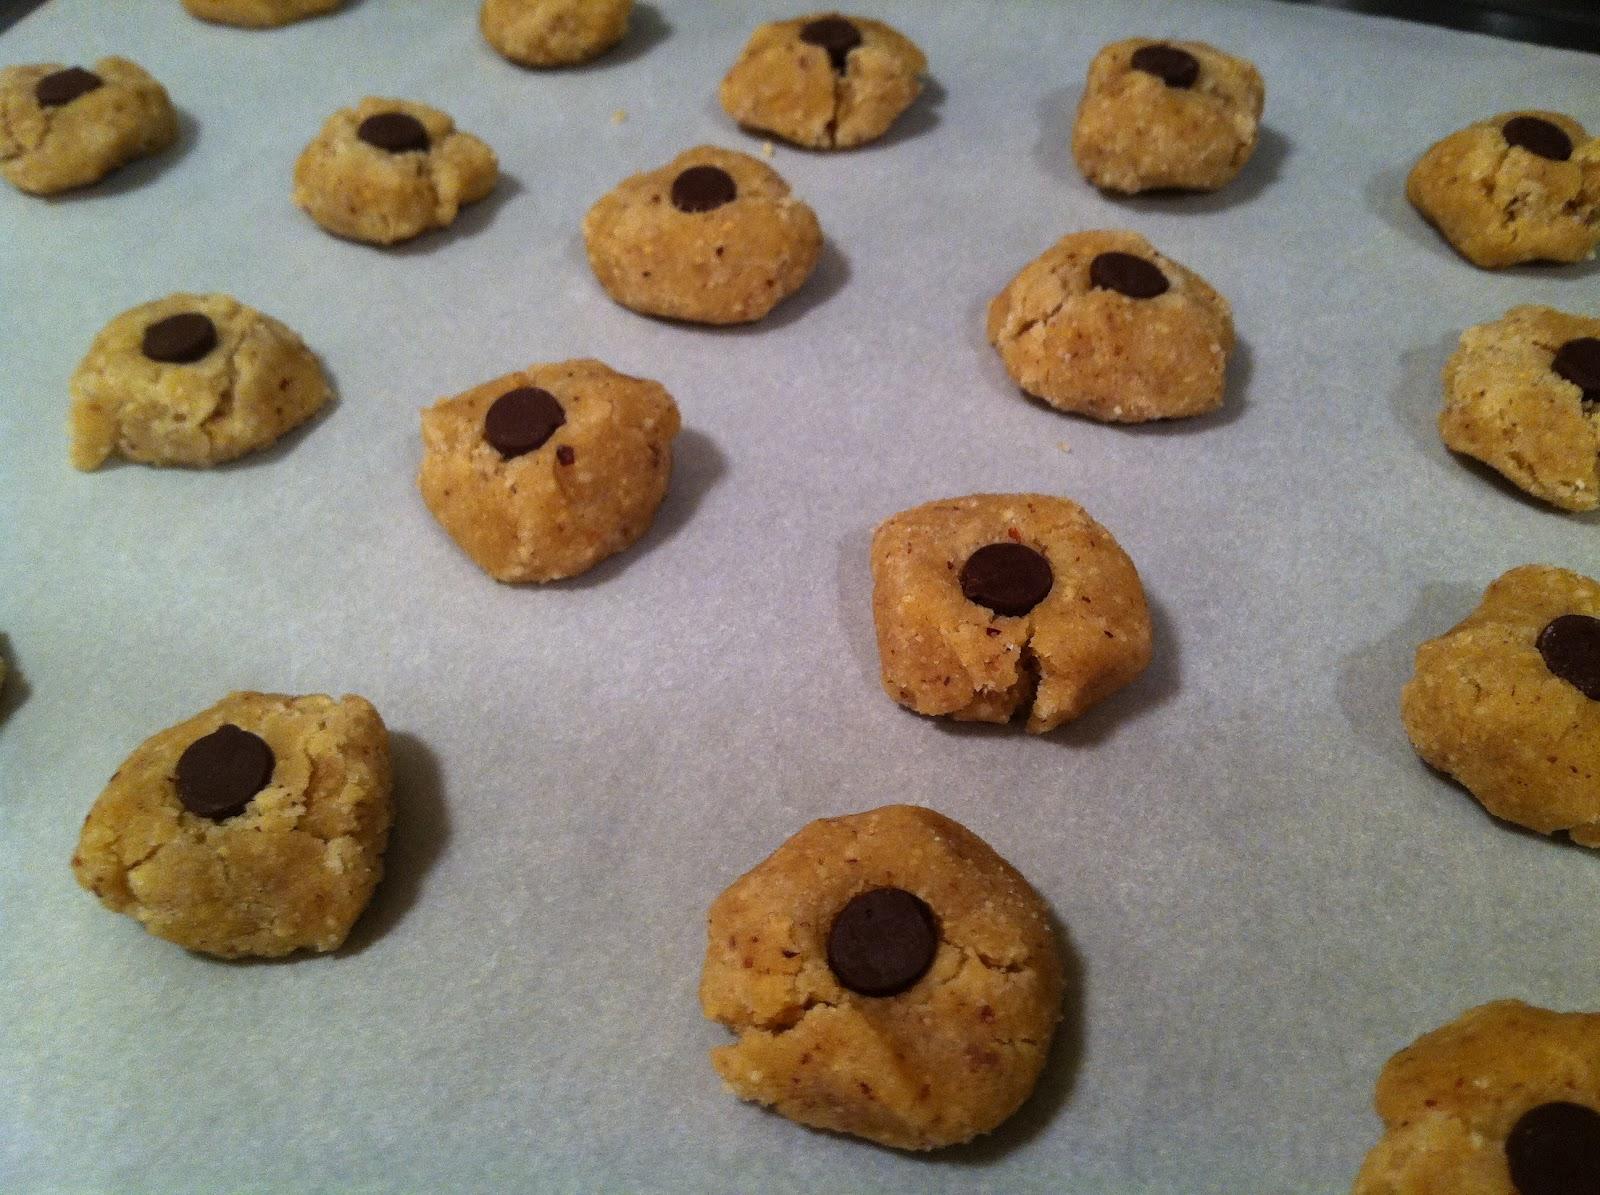 Hazelnut Chocolate Thumbprint Cookies (Thanks, SmittenKitchen!)